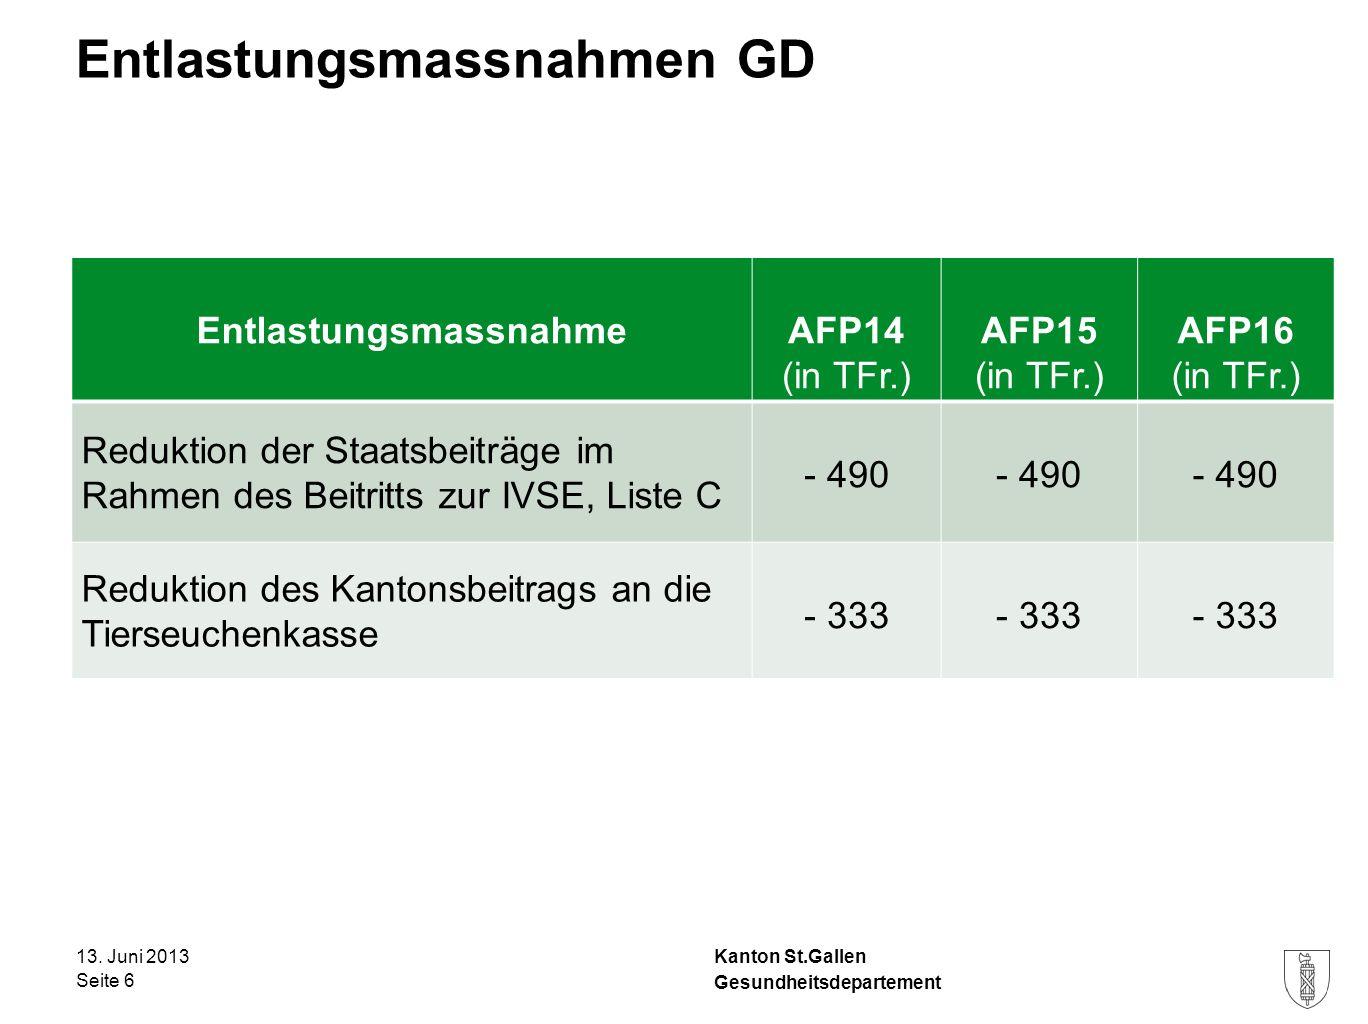 Kanton St.Gallen Entlastungsmassnahmen GD 13.